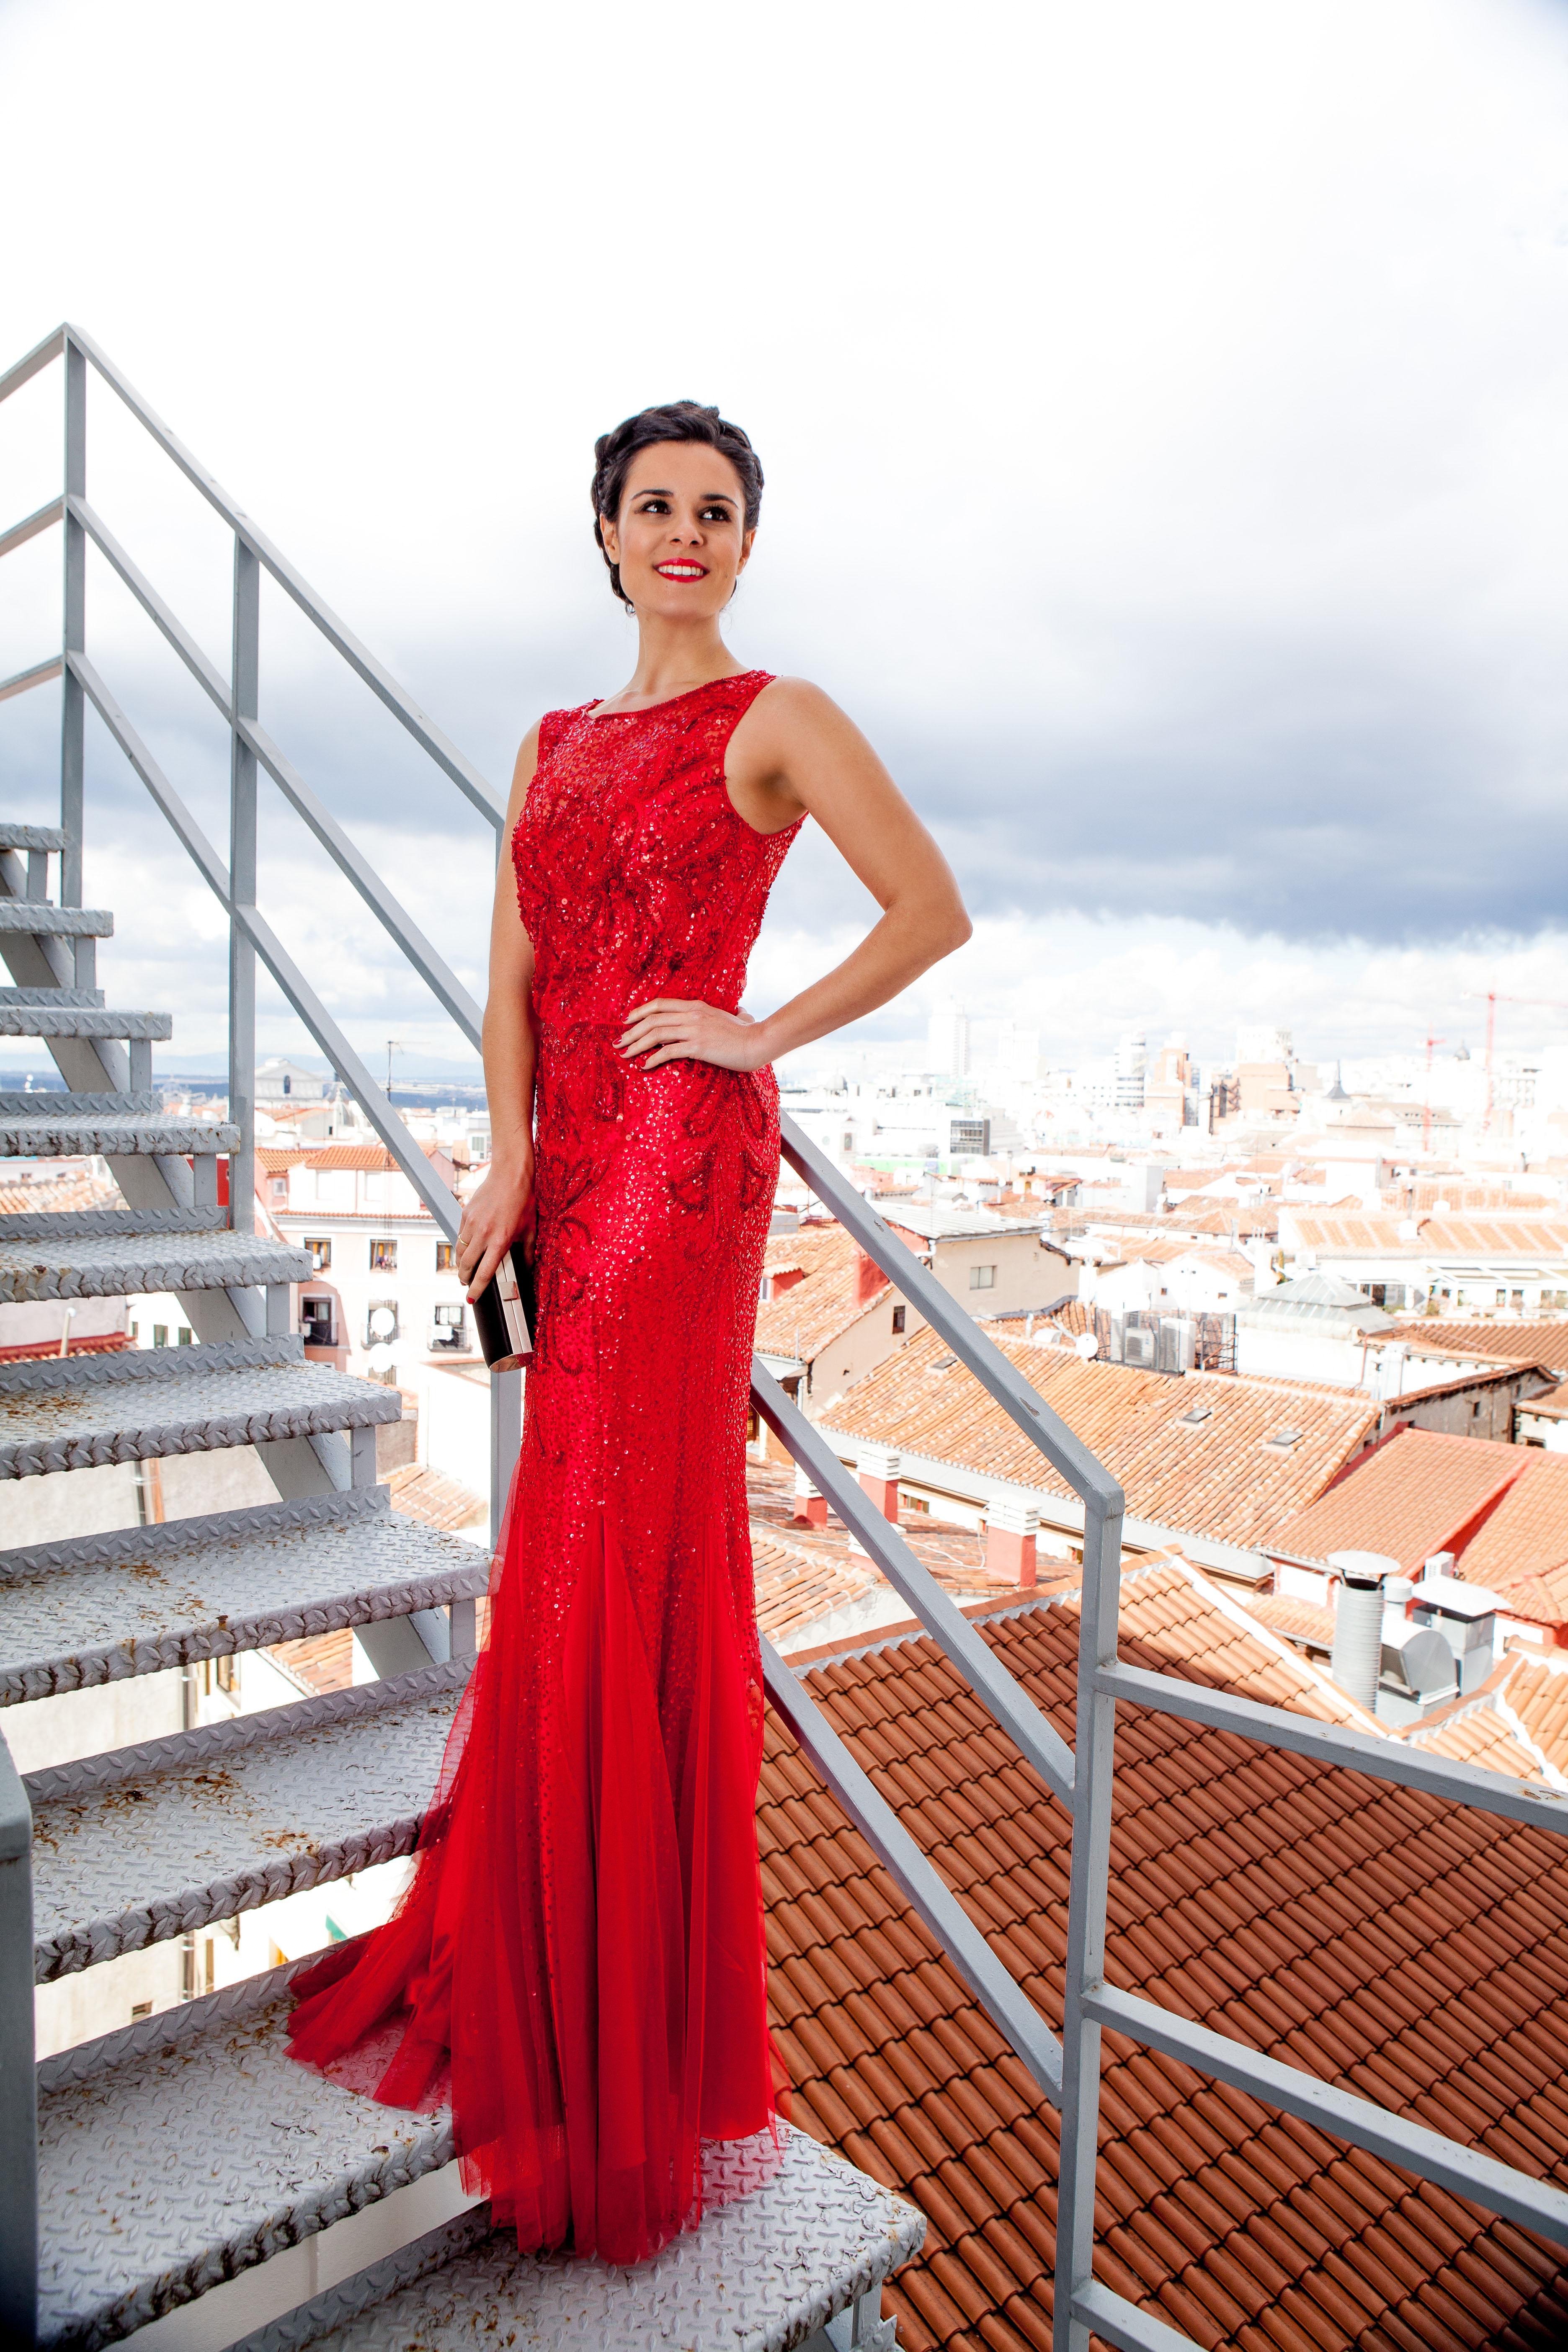 Aire Barcelona vestido rojo largo invitada 2016 hotel Me Madrid Reina Victoria fotógrafo Miguel Ángel Fernández maquillaje Oui Novias peinado recogido con trenzas Peluquerías Madrigal Crimenes de la Moda blog